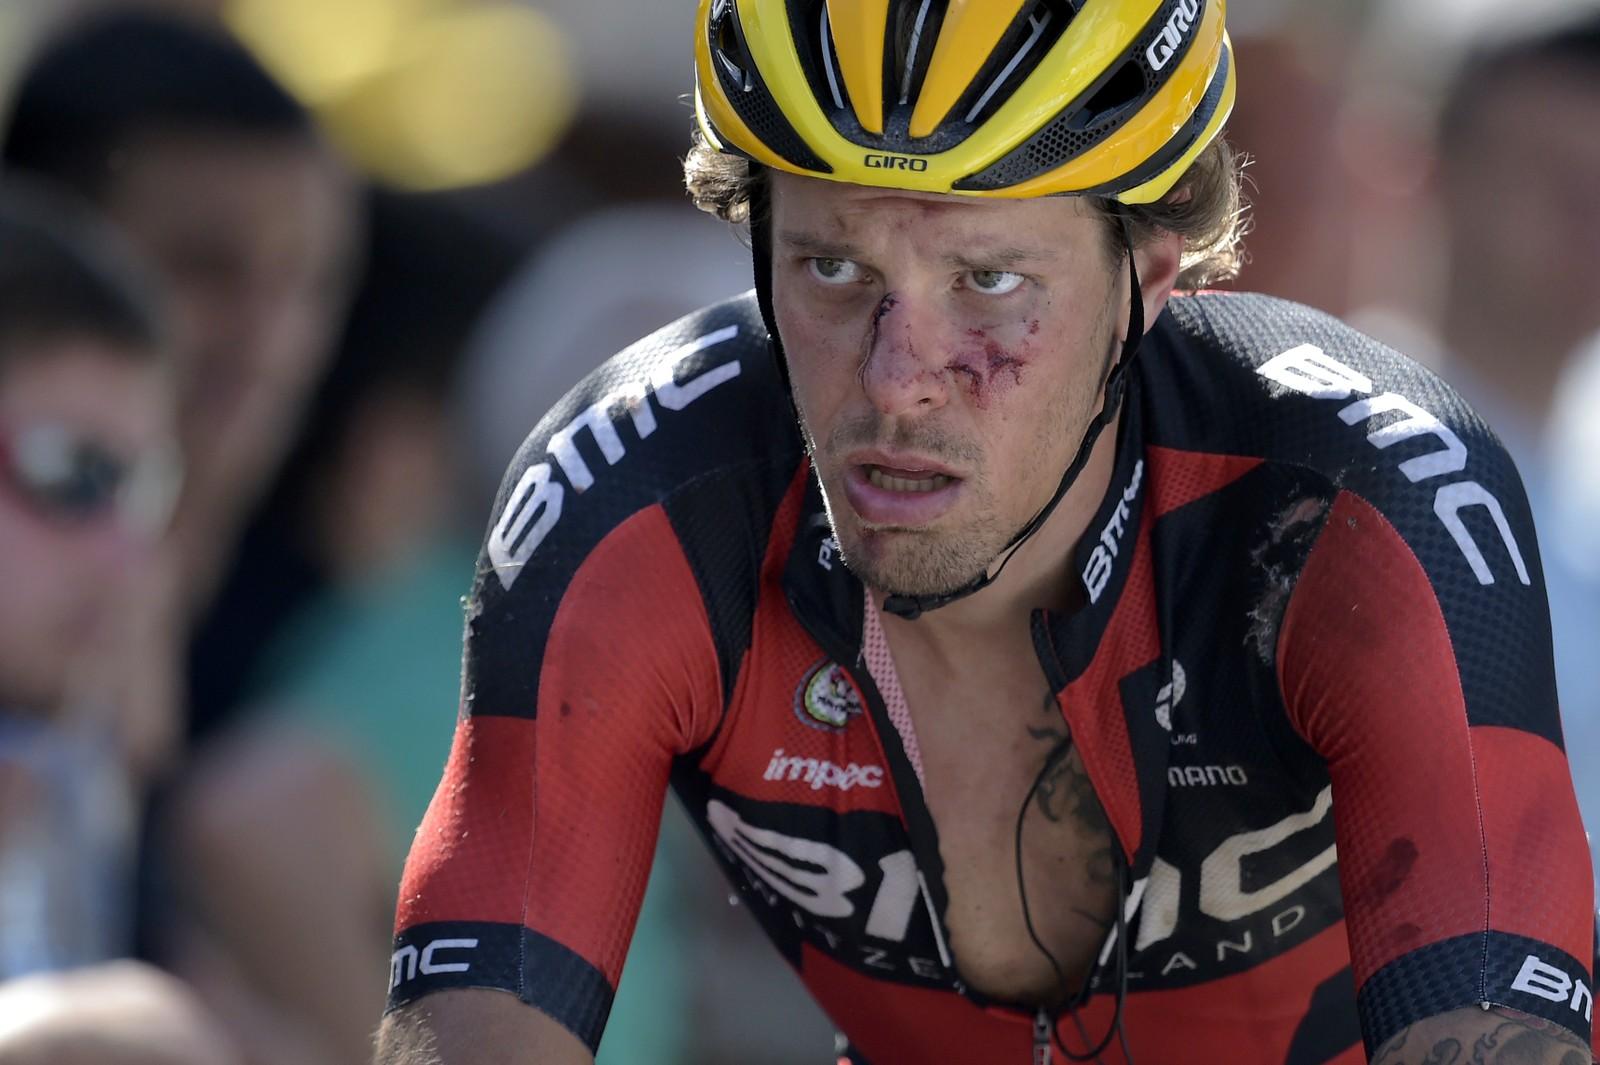 Det skal gjøre vondt å kjøre Tour de France. AFP PHOTO / LIONEL BONAVENTURE